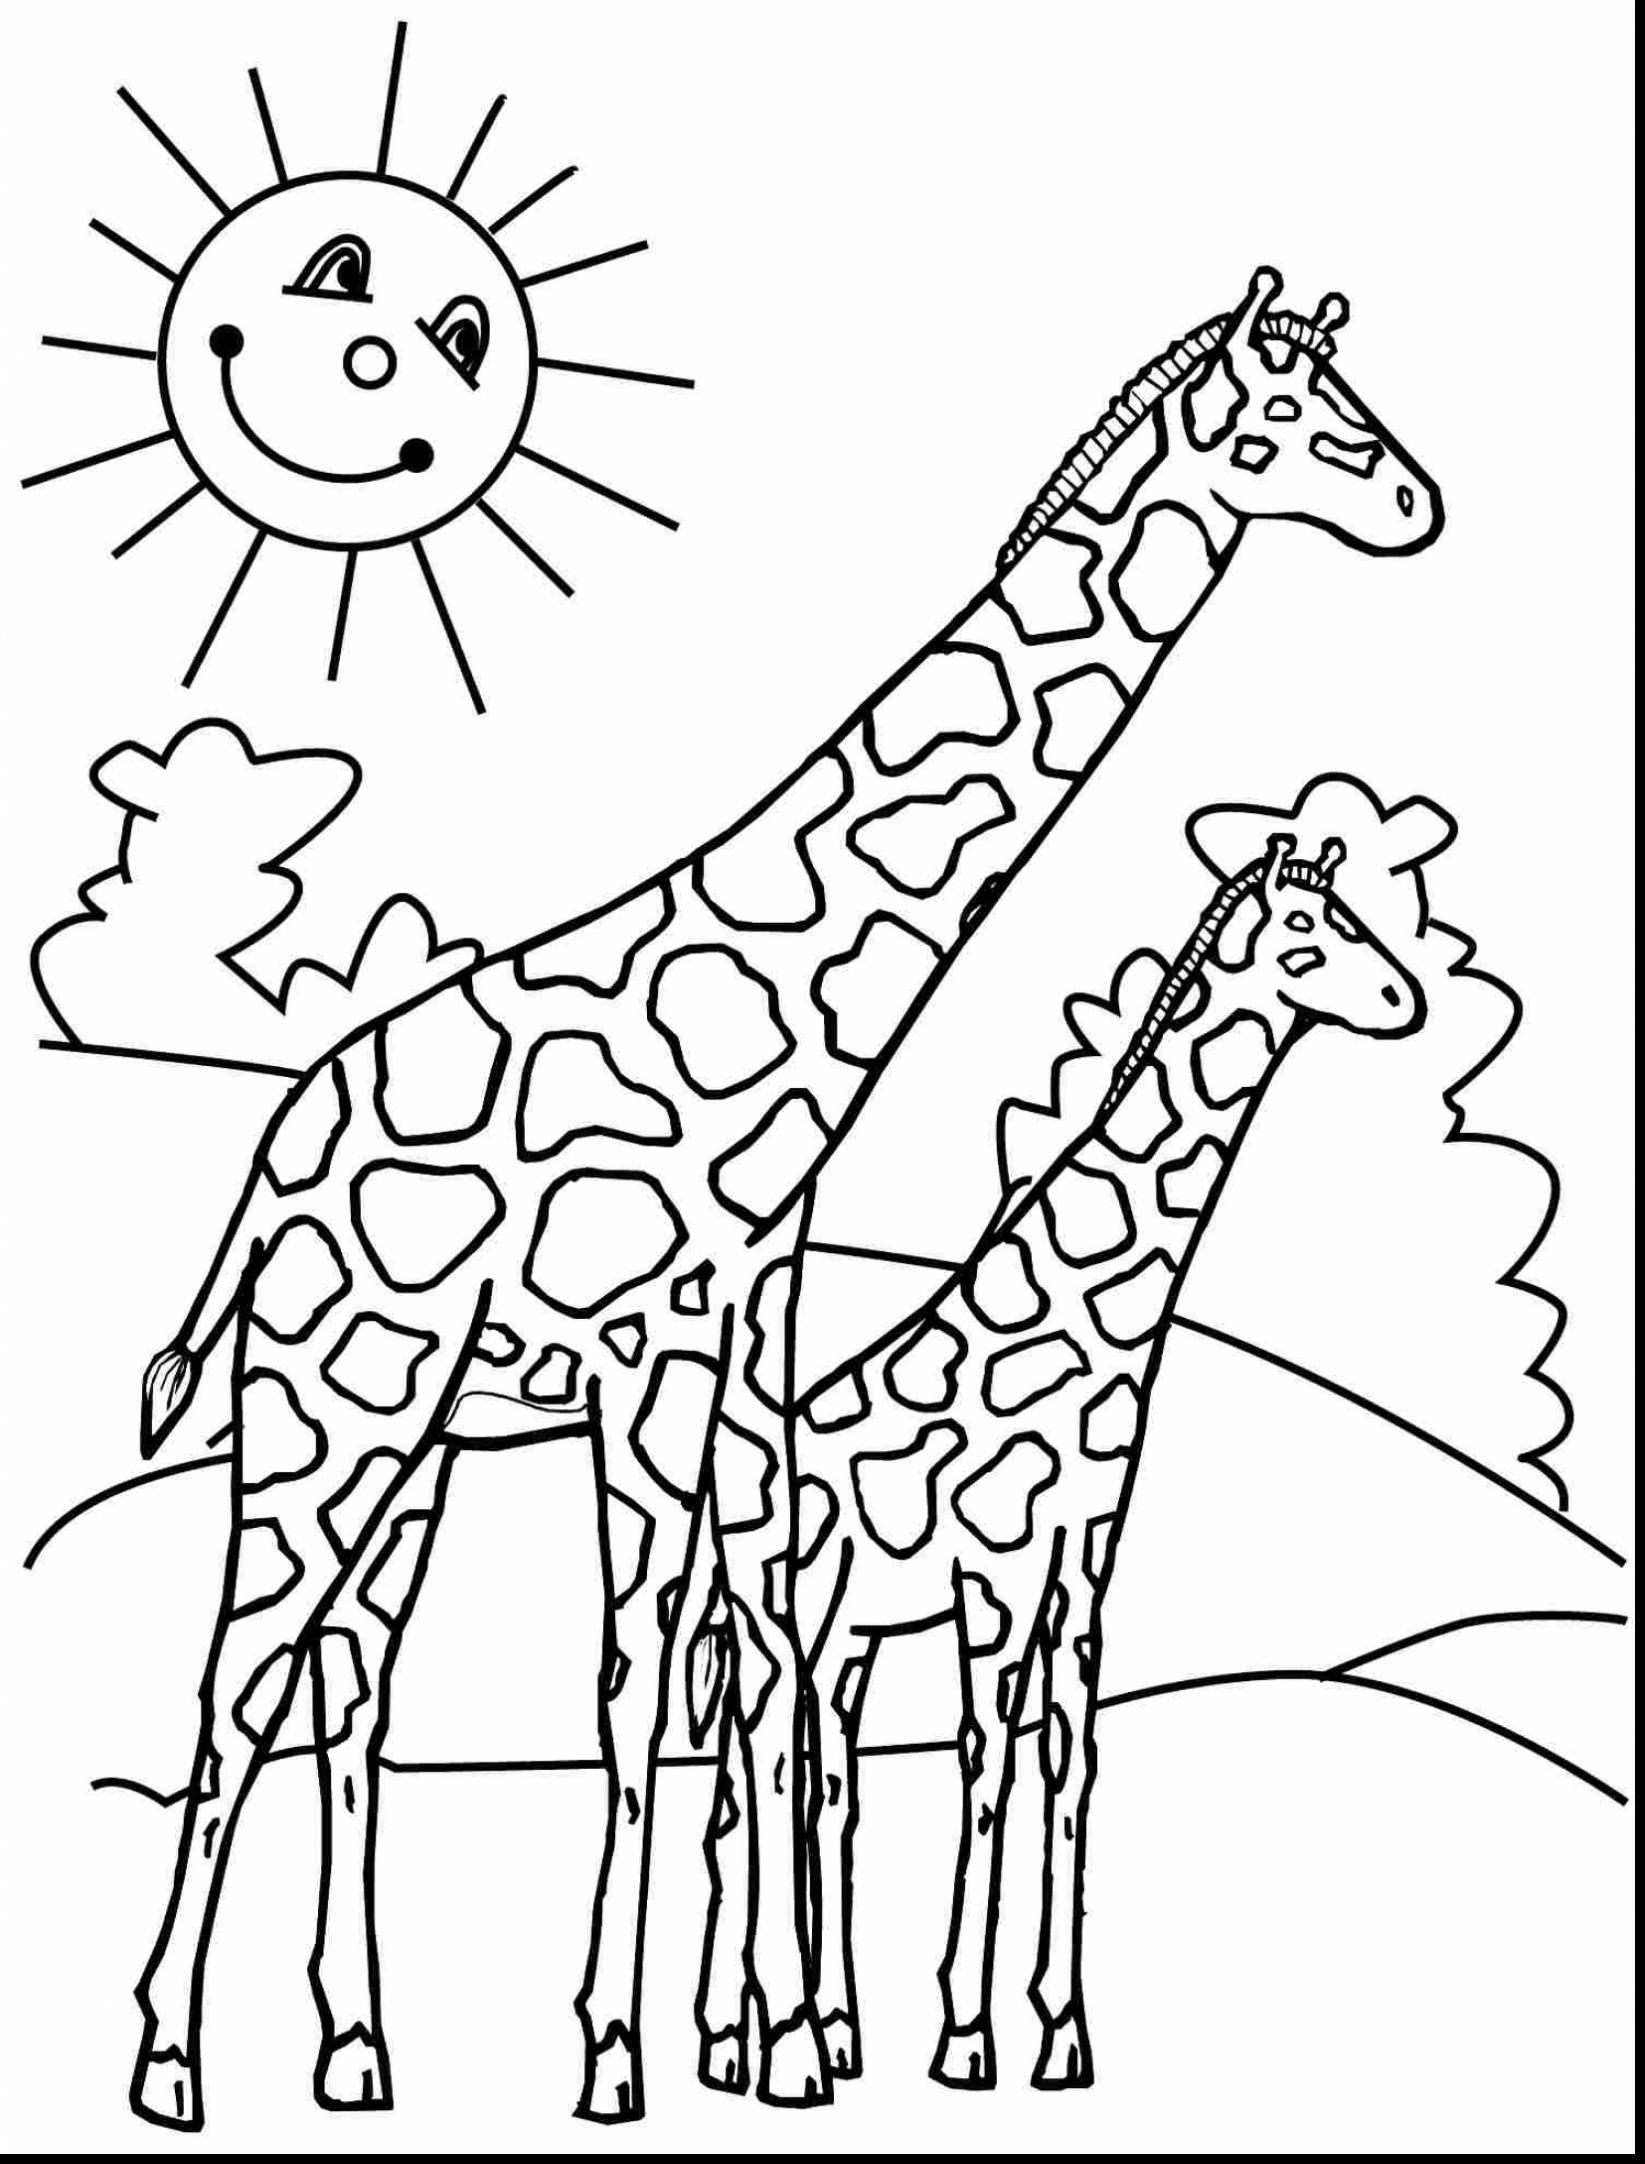 Cute Giraffe Drawing At Getdrawings